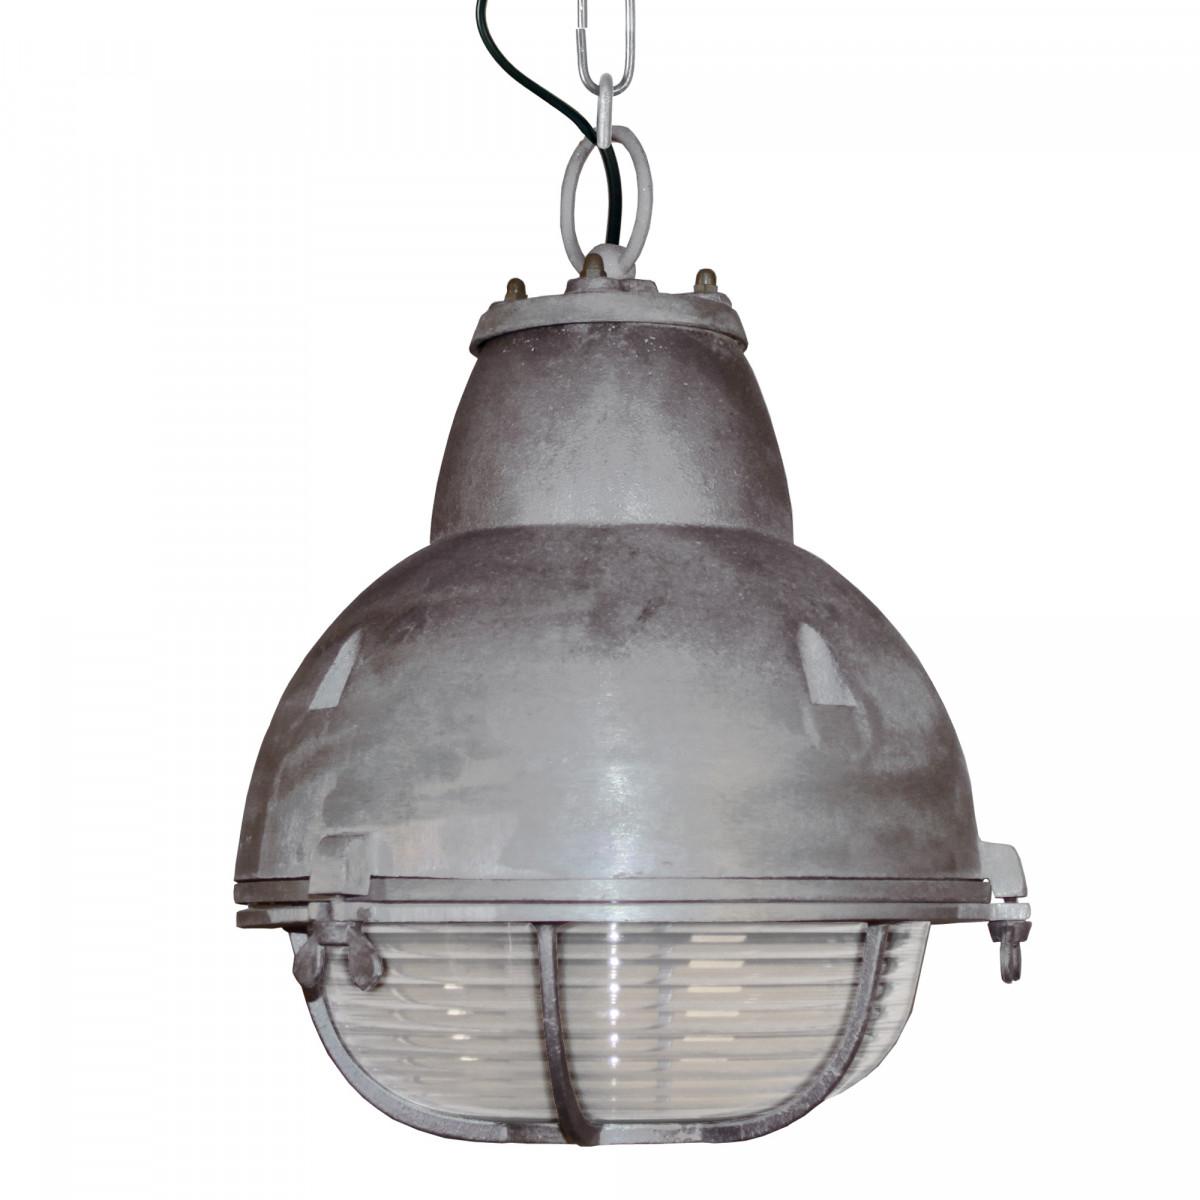 Hanglamp Navigator (7049) - KS Verlichting - Stoer & Industrieel